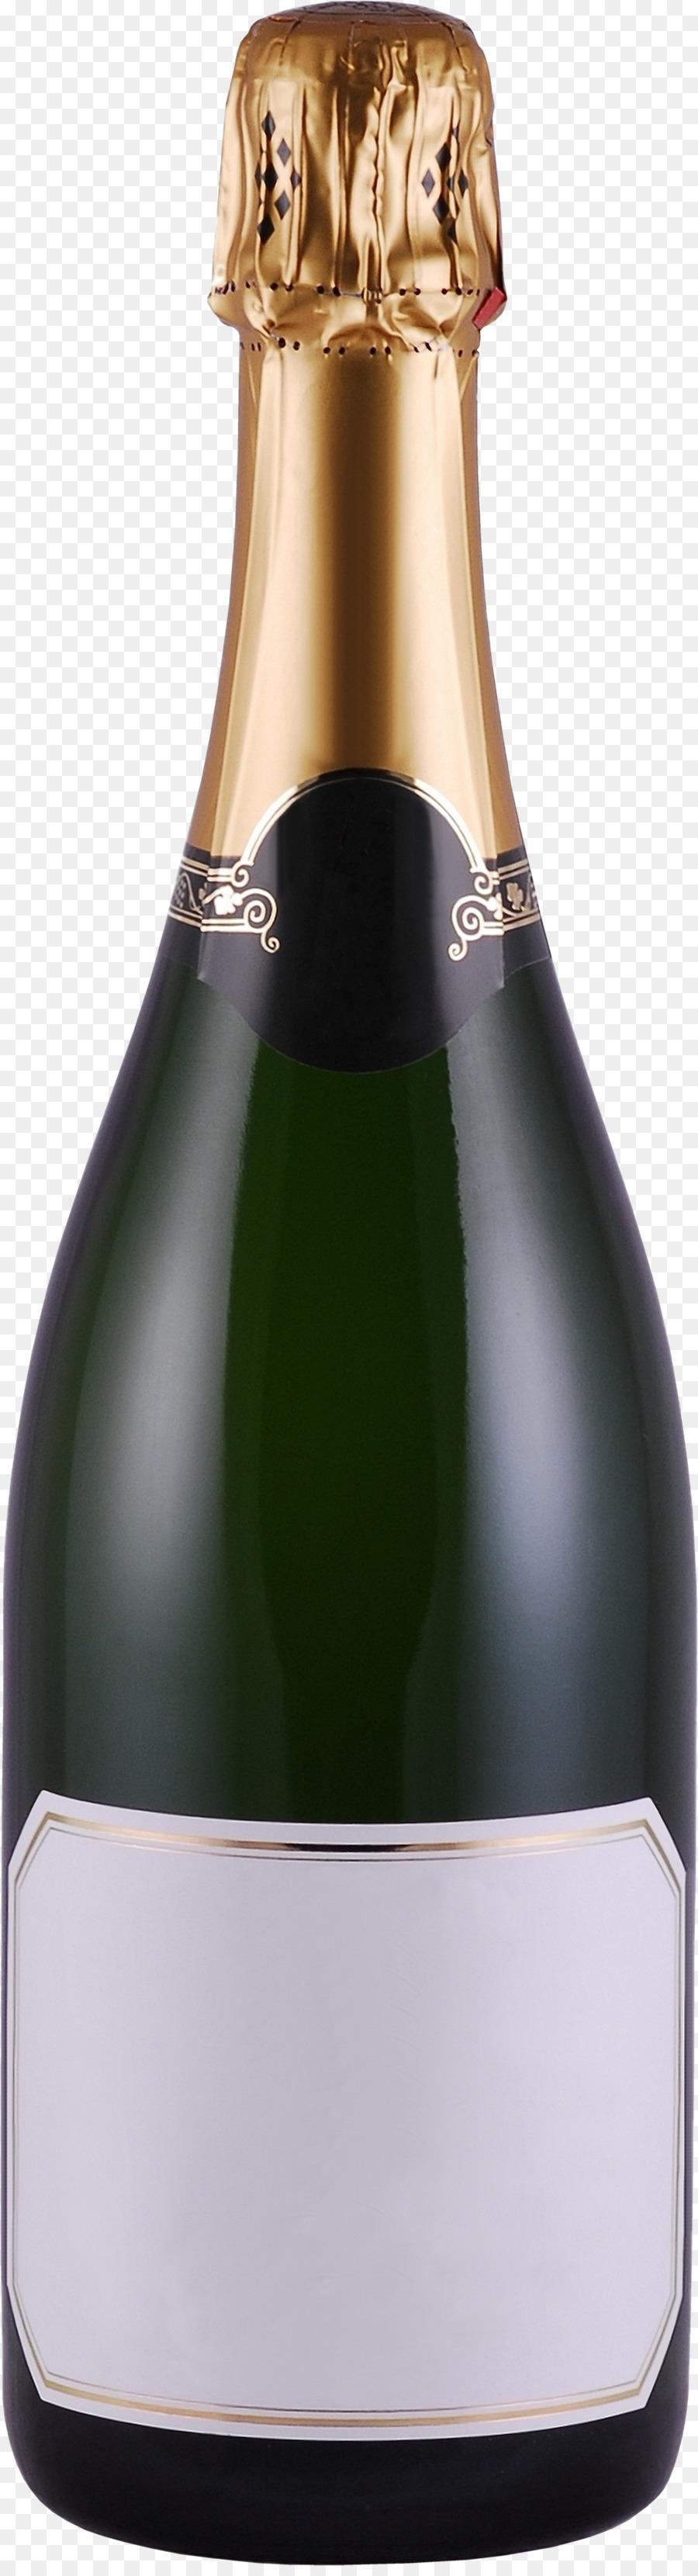 Крым, картинки бутылка шампанского